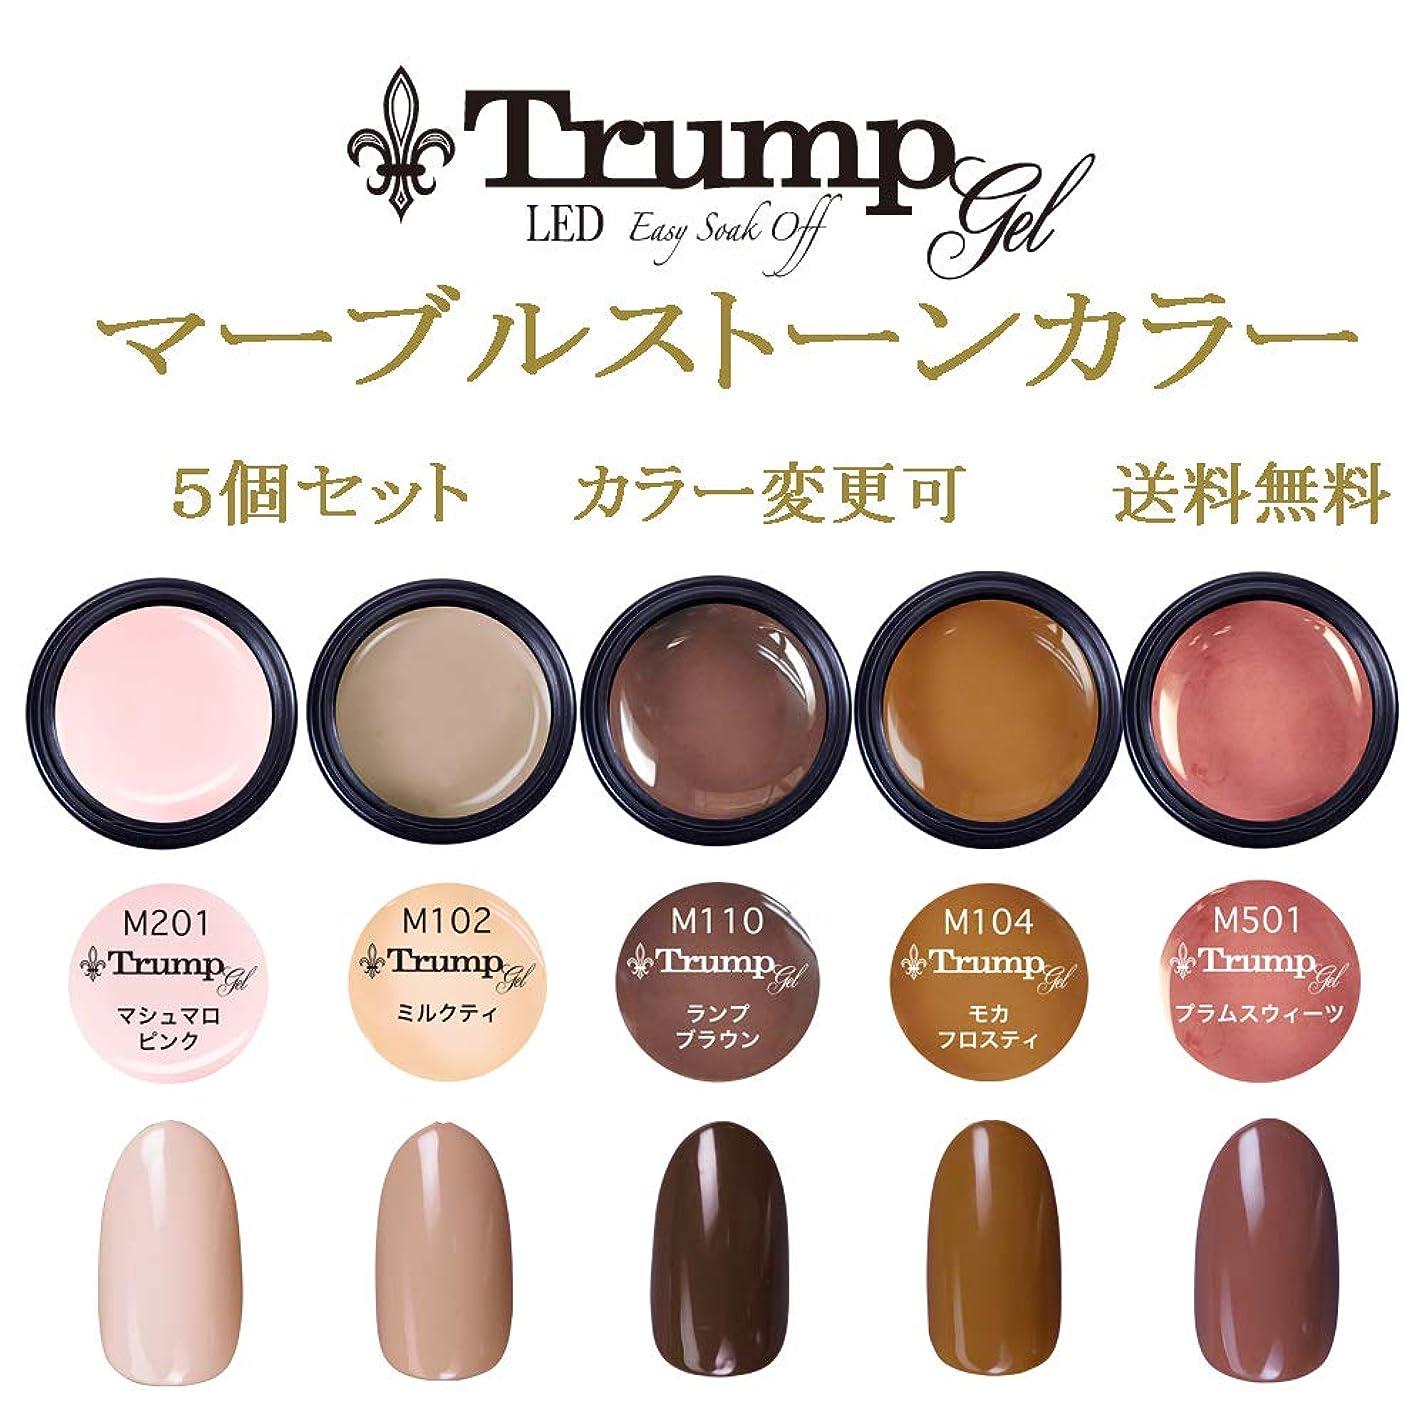 ゴミデジタル胃【送料無料】日本製 Trump gel トランプジェル マーブルストーン カラージェル 5個セット 人気の大理石ネイルカラーをチョイス